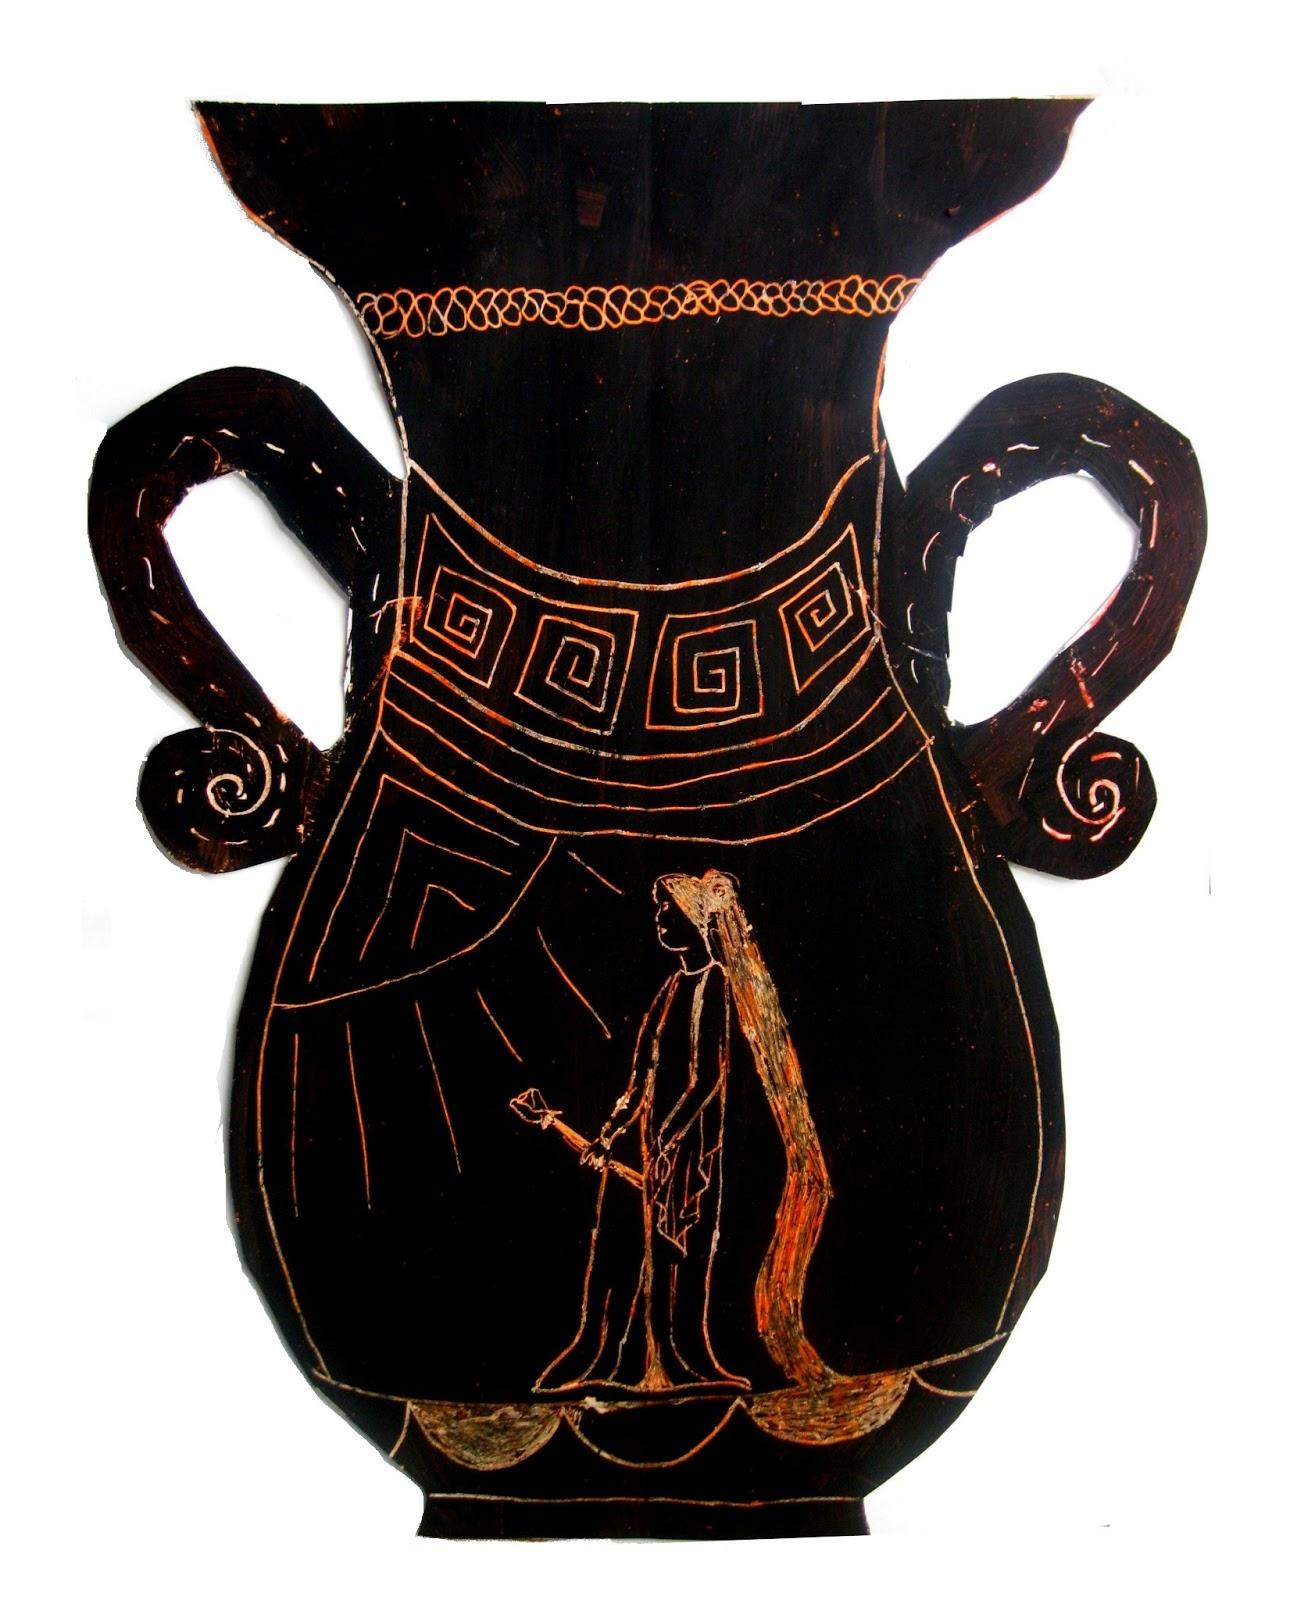 Greek vases update art class ideas greek vases update reviewsmspy